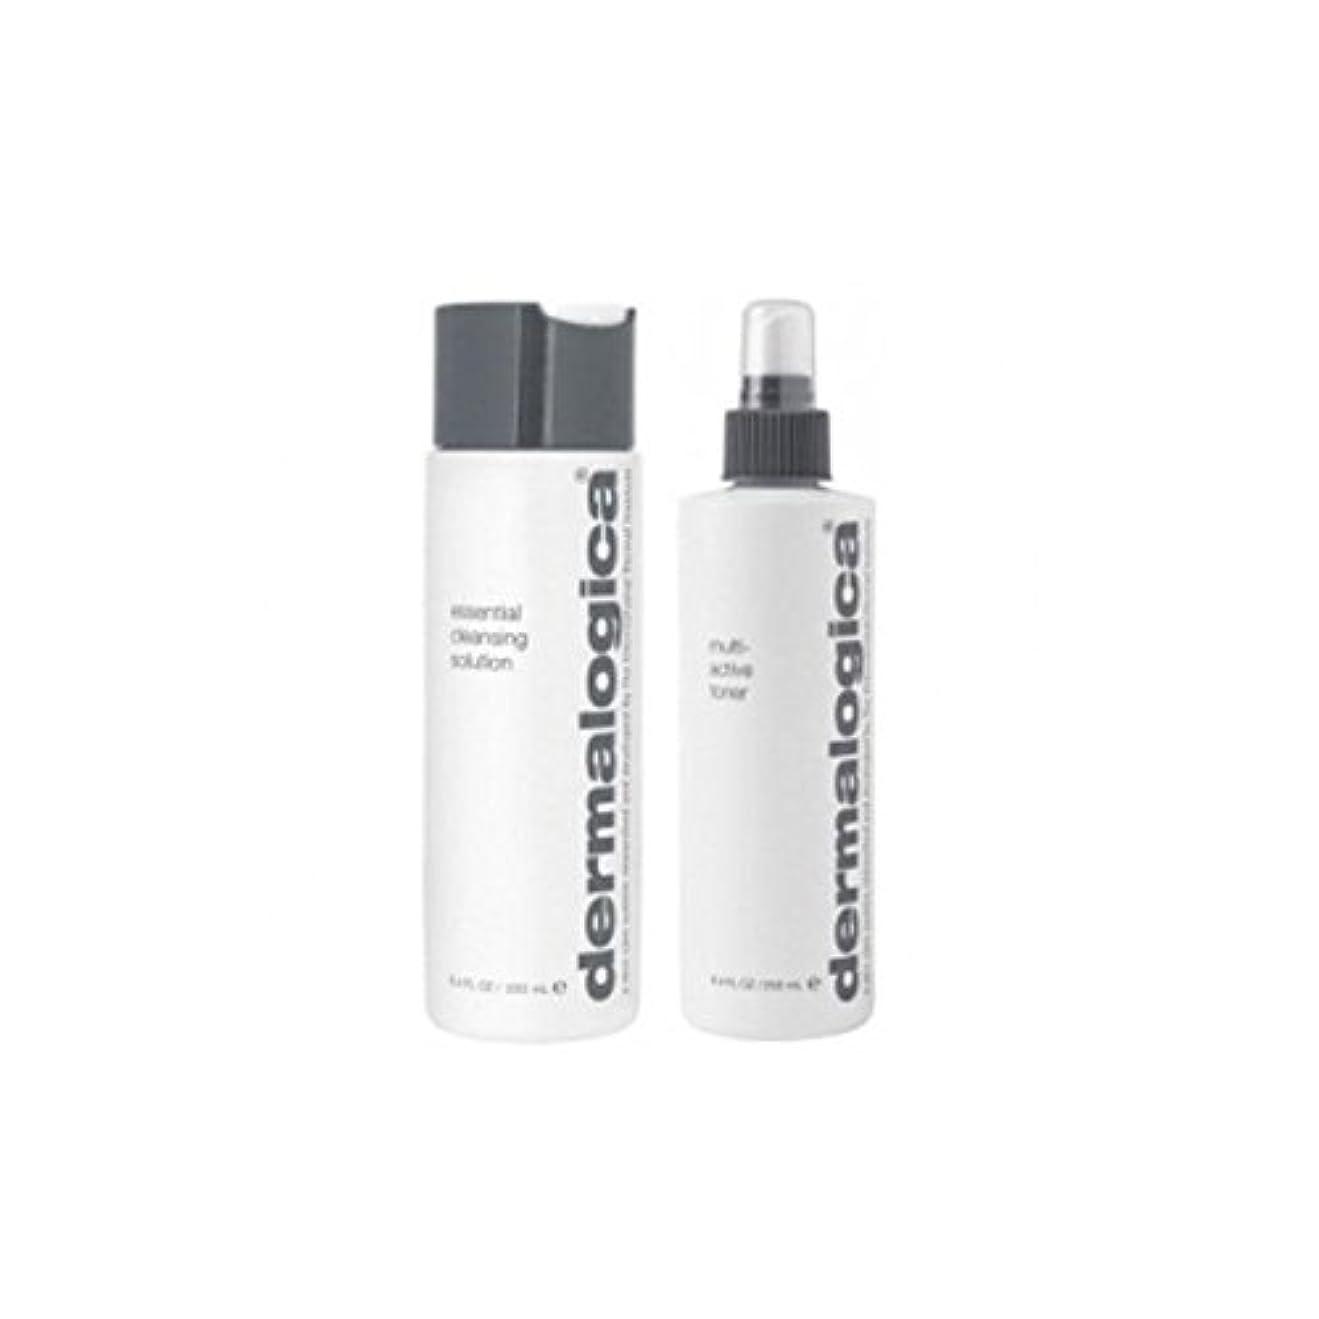 乱雑な賞自治ダーマロジカクレンジング&トーンデュオ - 乾燥肌 x4 - Dermalogica Cleanse & Tone Duo - Dry Skin (Pack of 4) [並行輸入品]